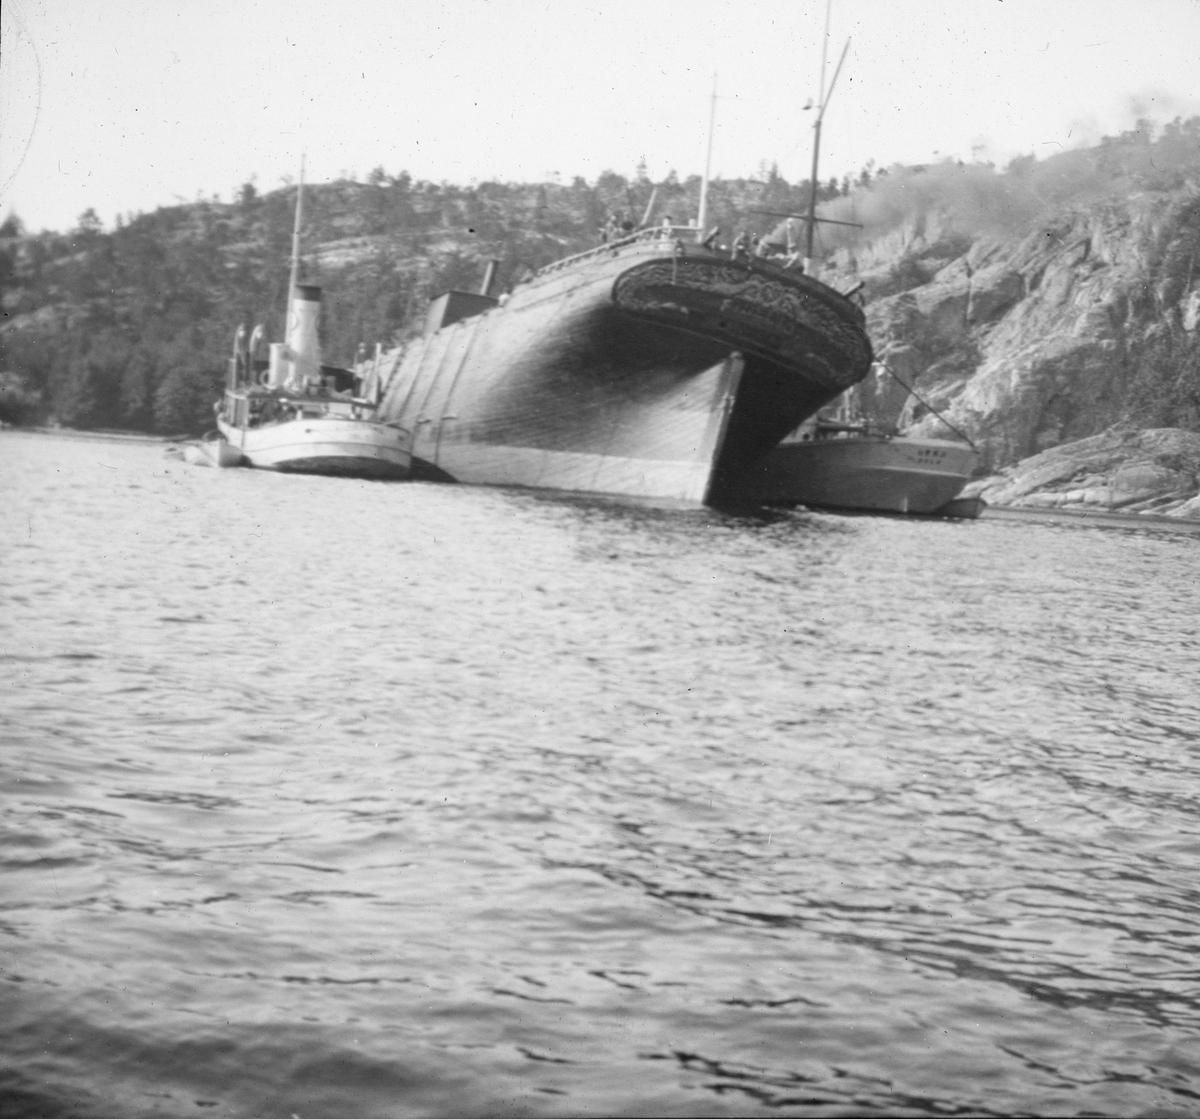 Ukjent havarert seilskip, flankert av to mindre dampskip. Seilskipet er nedrigget, og ligger ved land, kystlandskap.